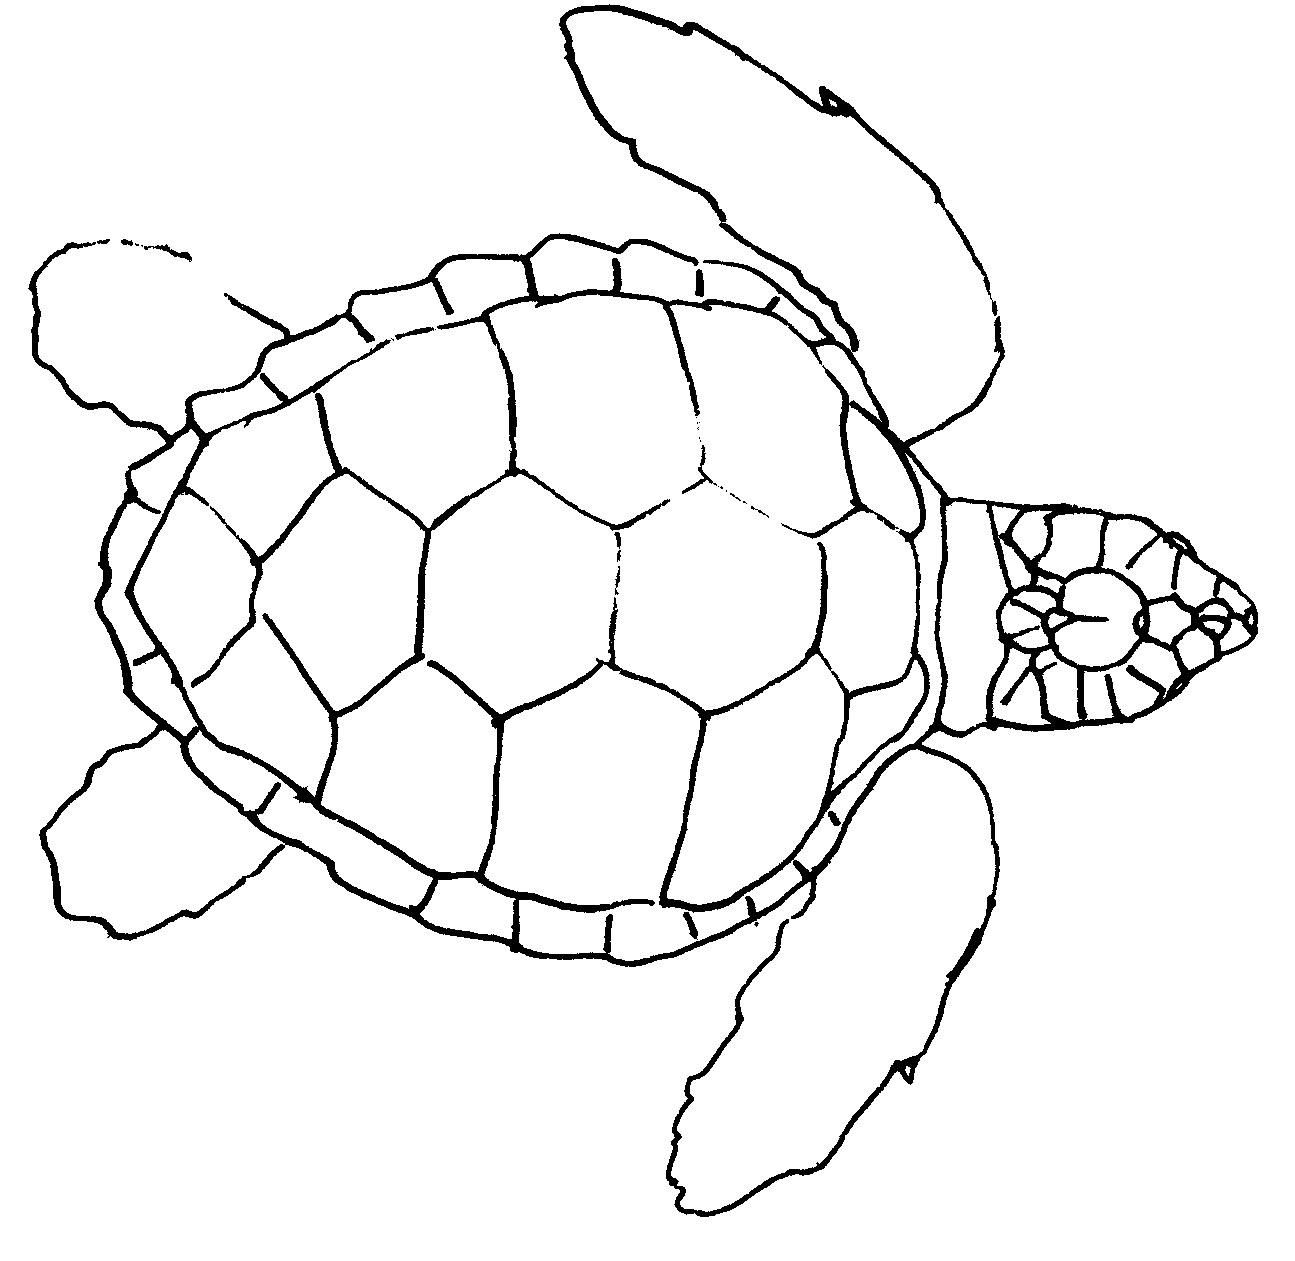 Turtles Step By Step Drawing At Getdrawings